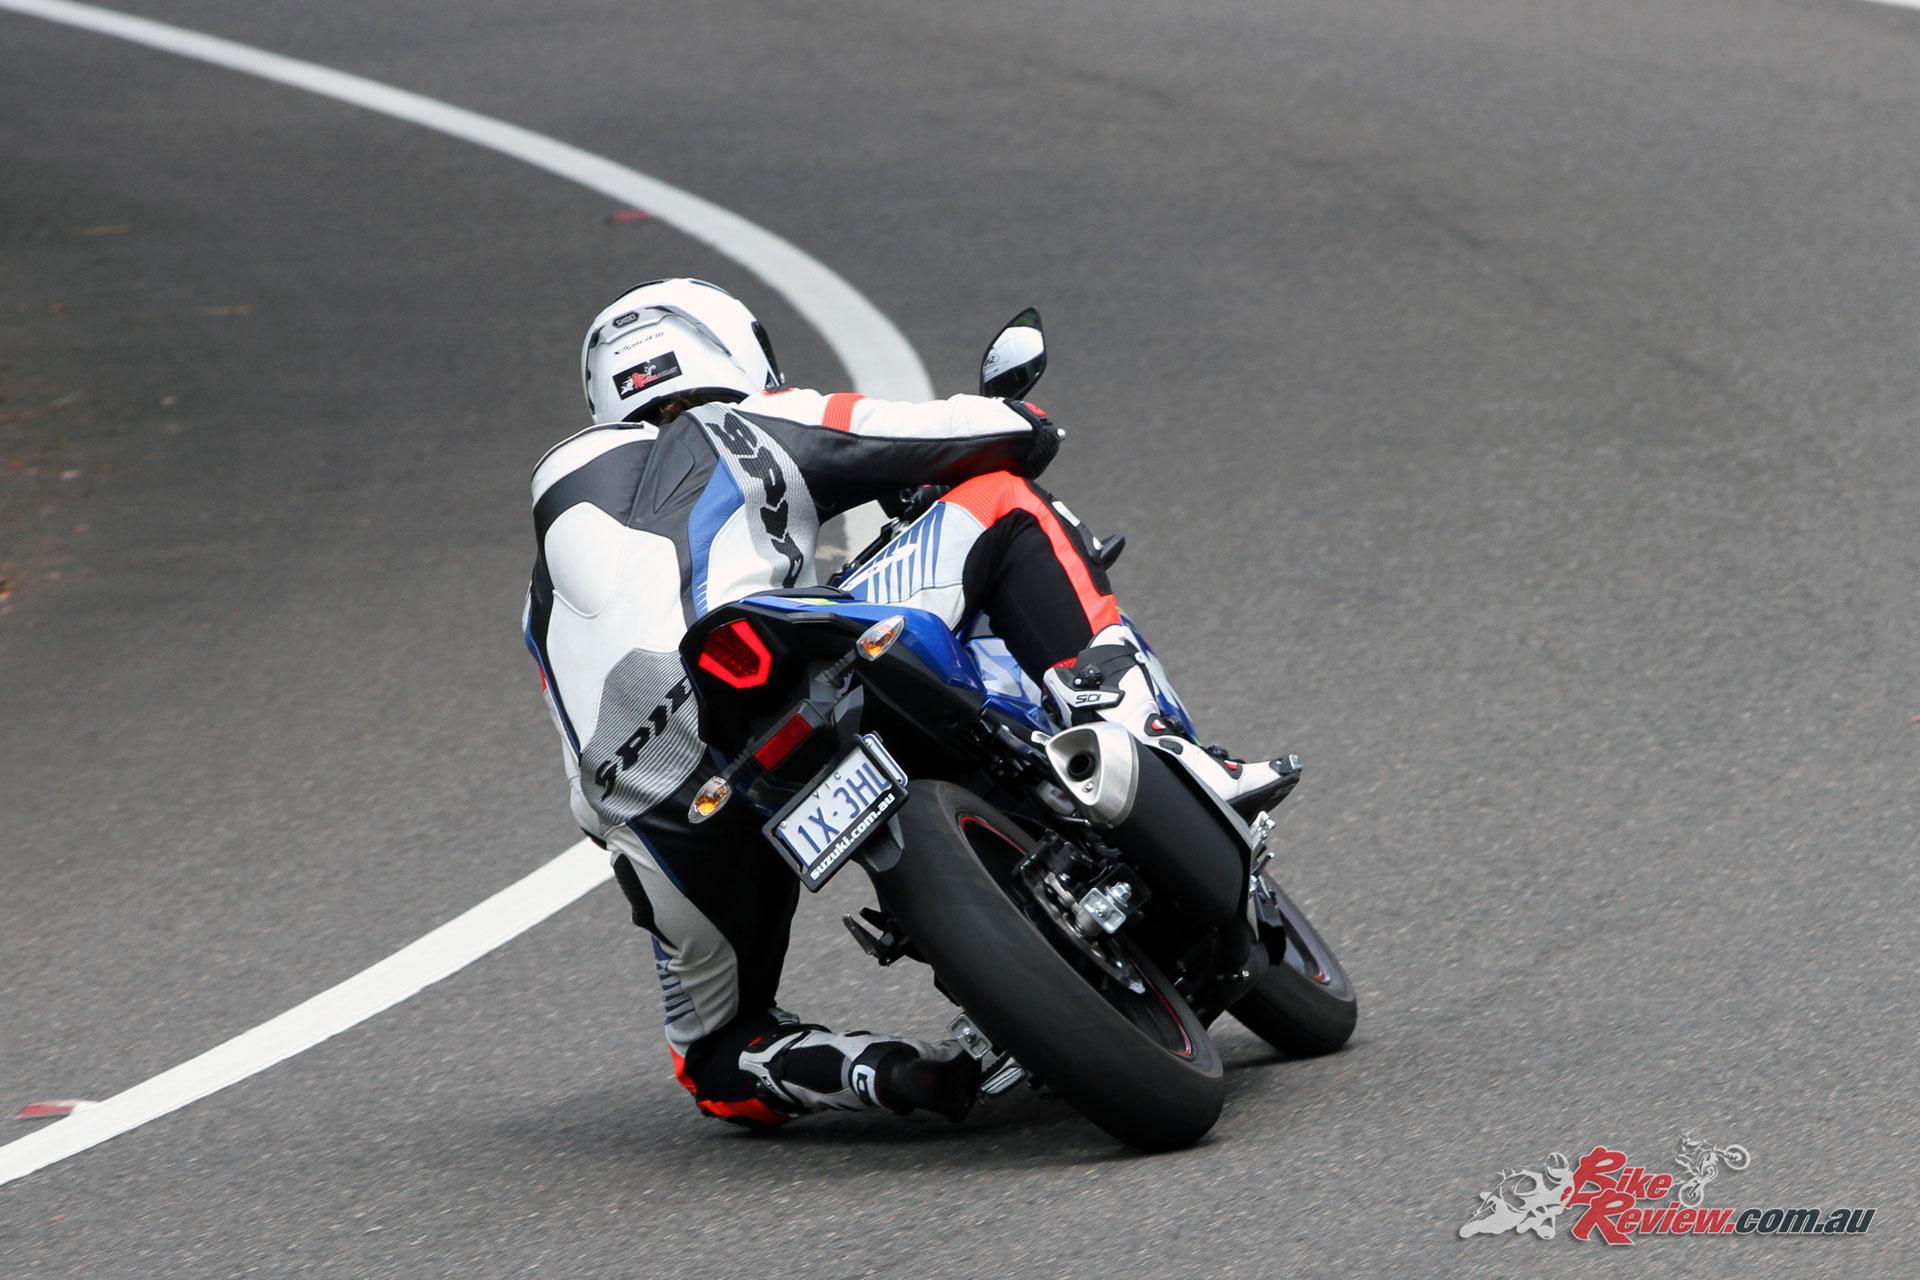 Getting the knee down on Suzuki's GSX250R!